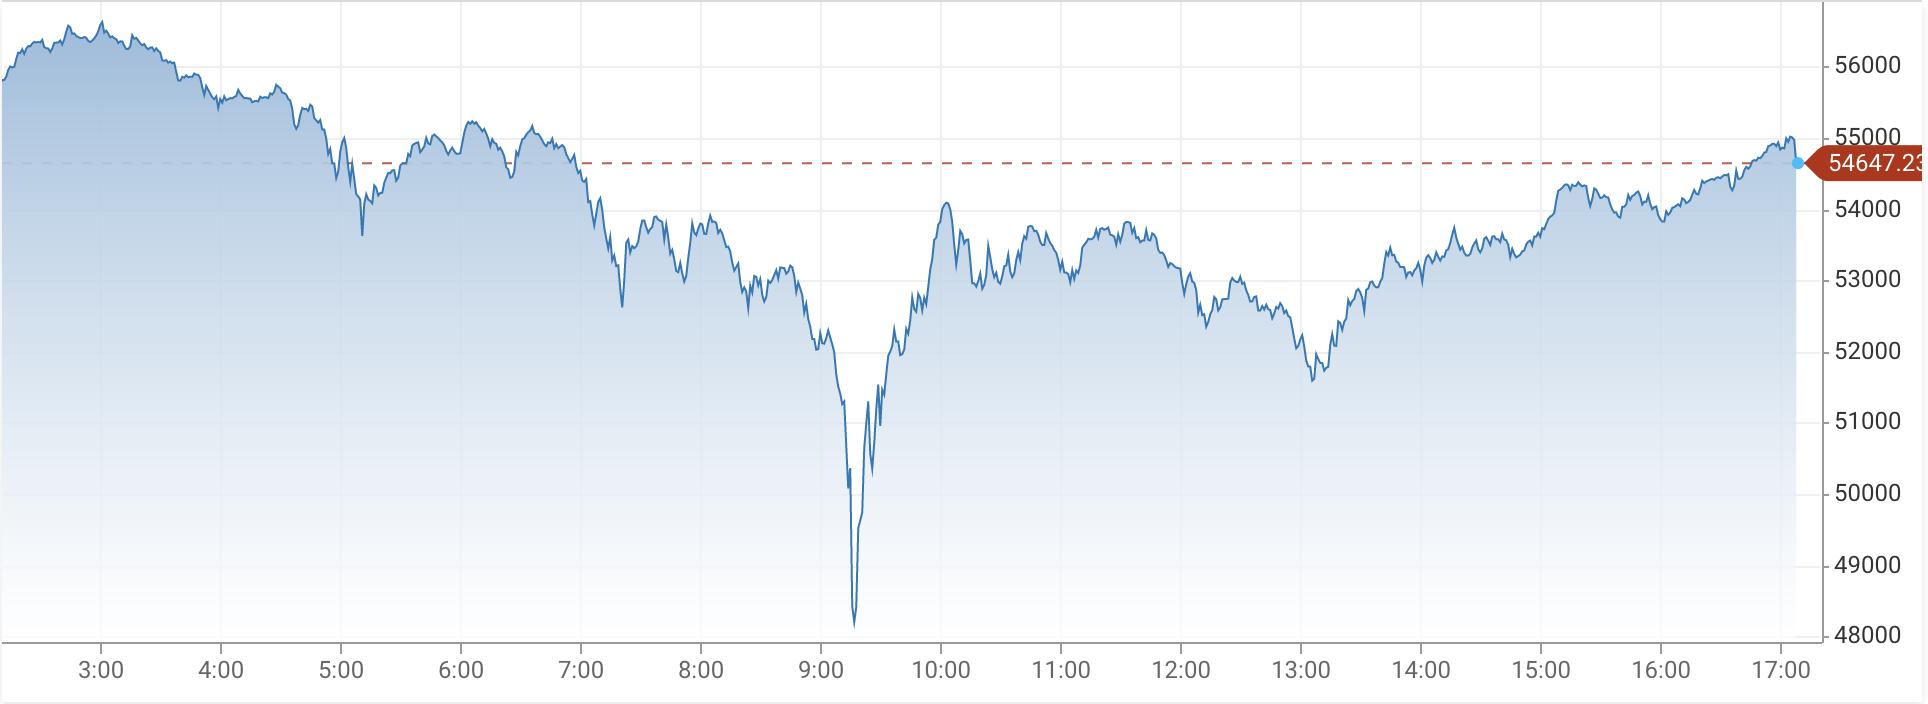 美国财长耶伦警告比特币风险:投机性高且极其低效